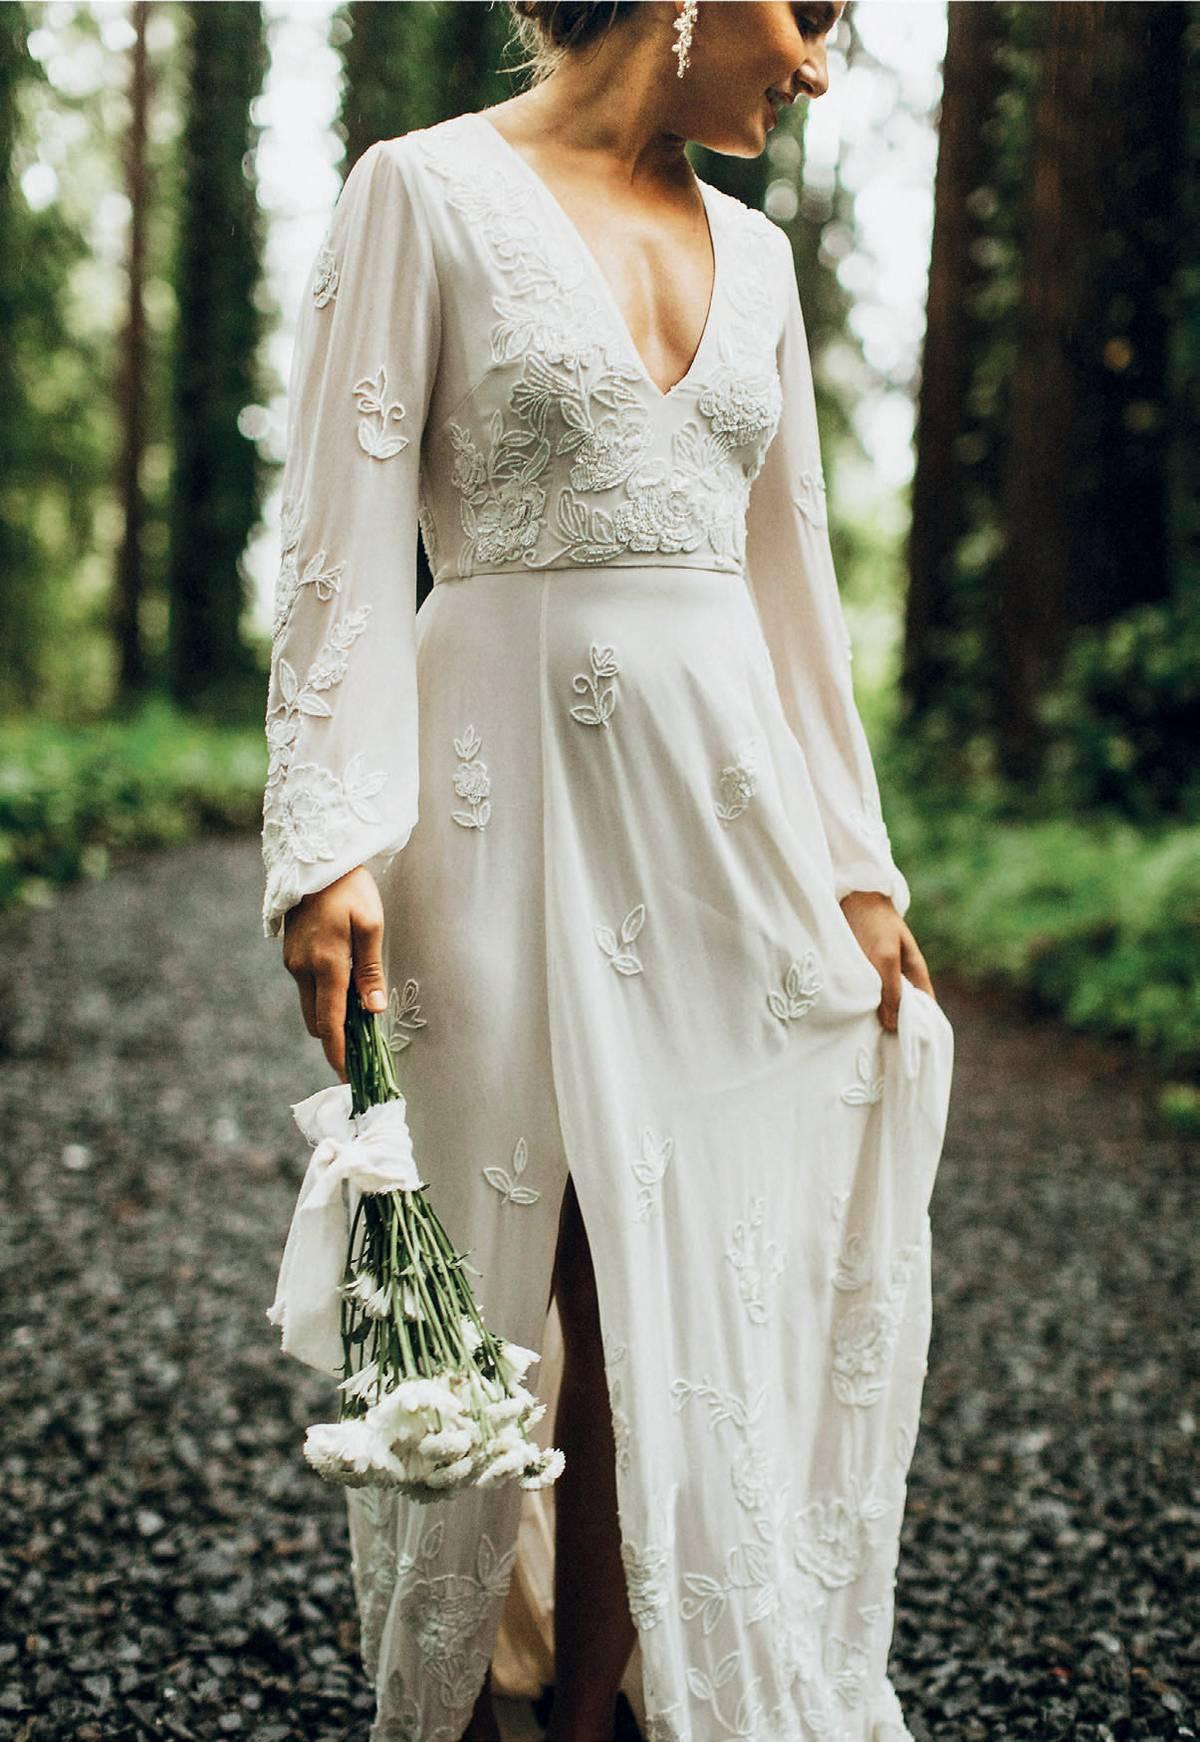 Nassau-wedding-gown